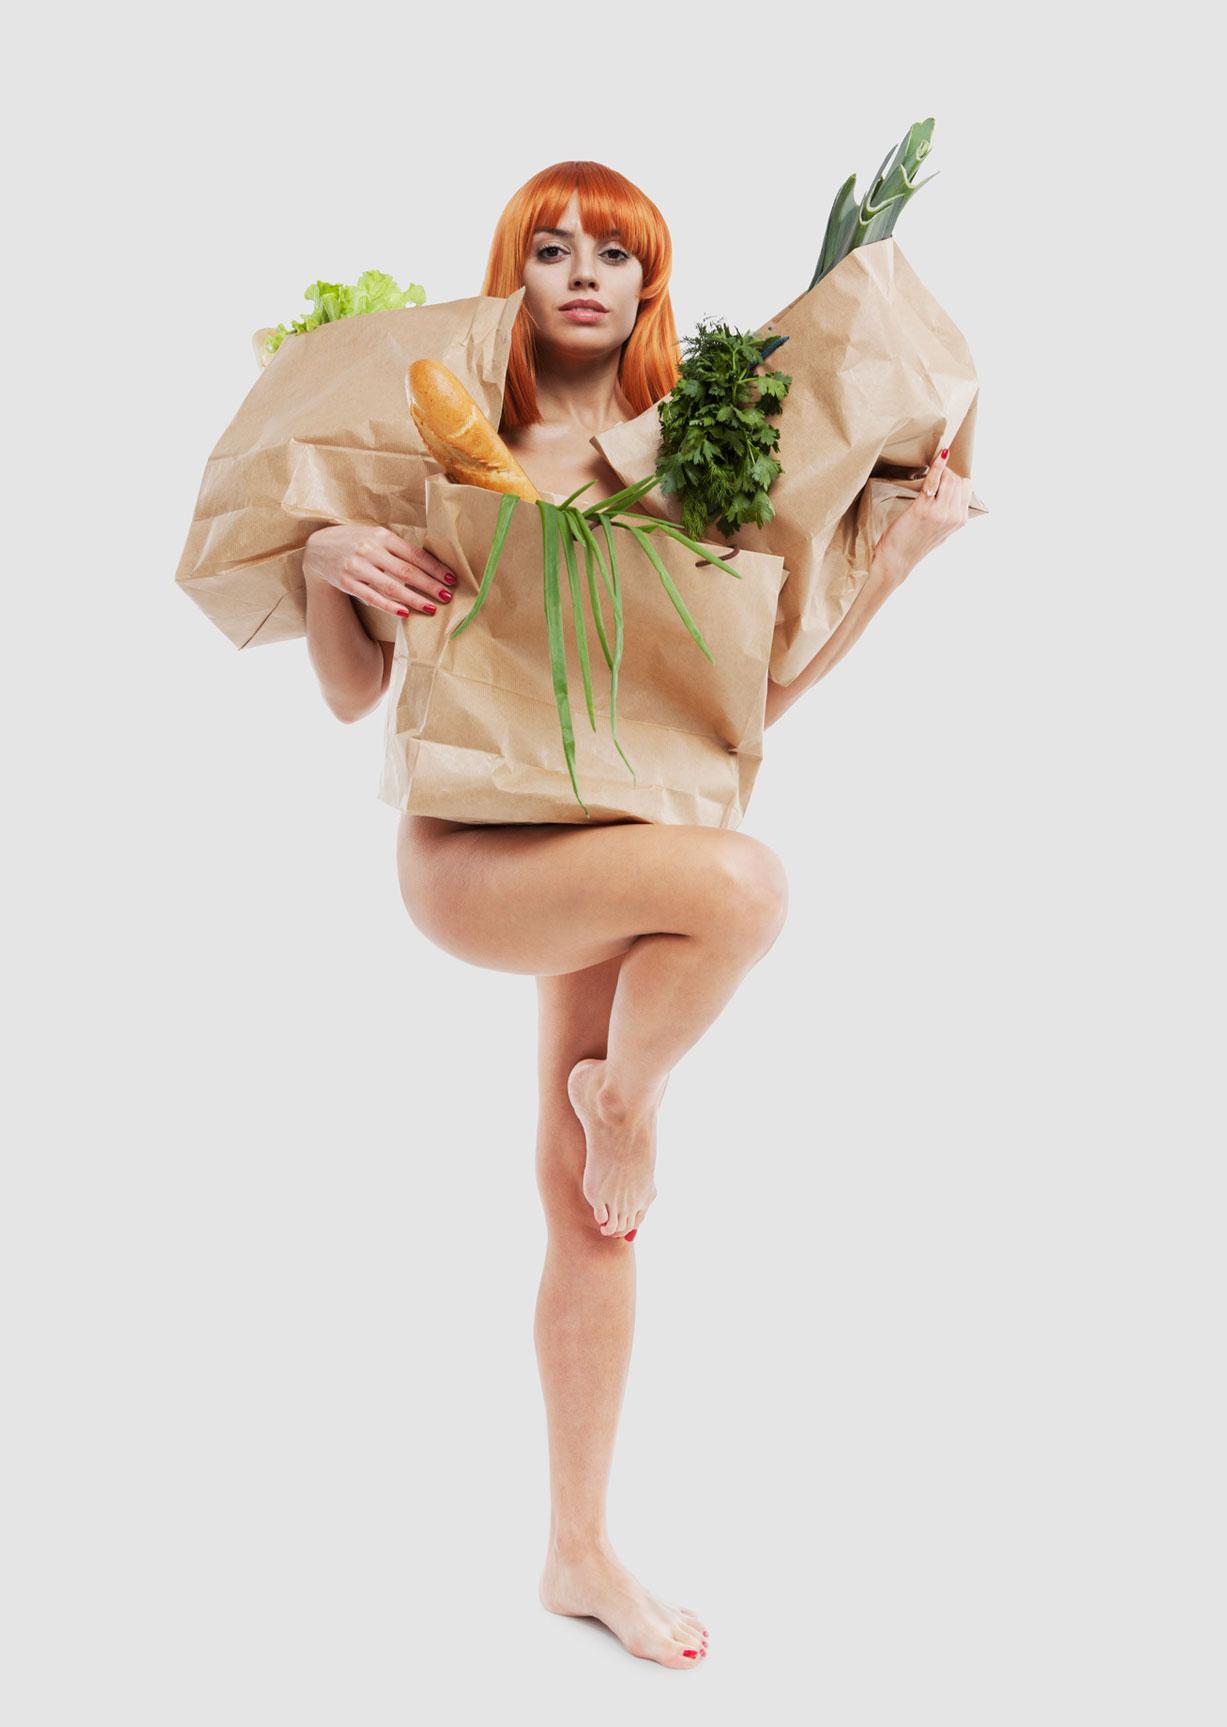 Отказ от пластиковых пакетов / социальная реклама с голыми девушками / Bird in Flight